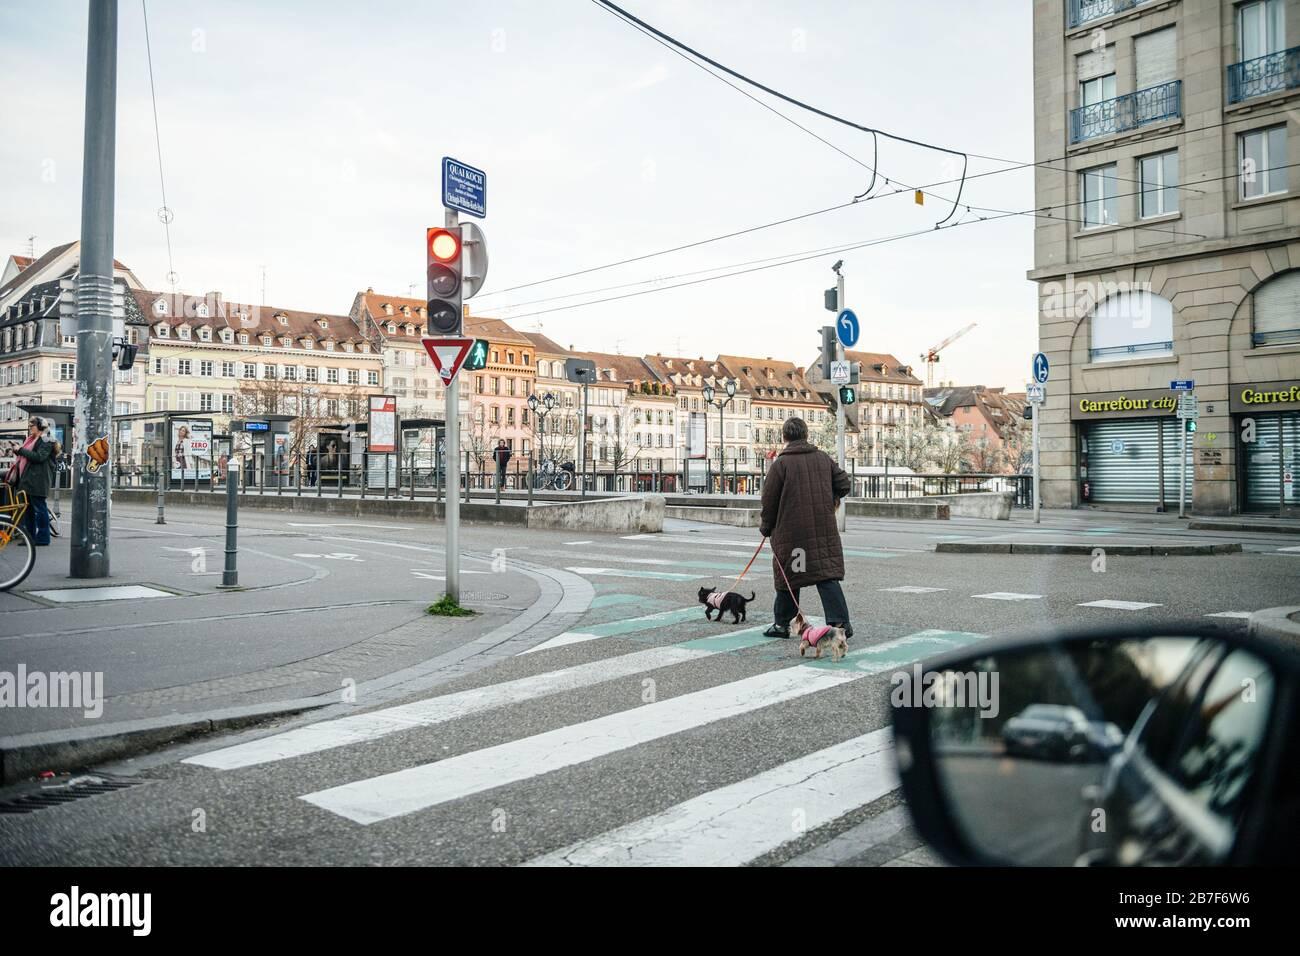 Straßburg, Frankreich - 15. März 2020: Leere Straßen in der französischen Stadt Straßburg mit einer Frau, die Hund spazieren geht, während Frankreich mit einem Ausbruch der Coronavirus-Krankheit COVID-19 grappert Stockfoto